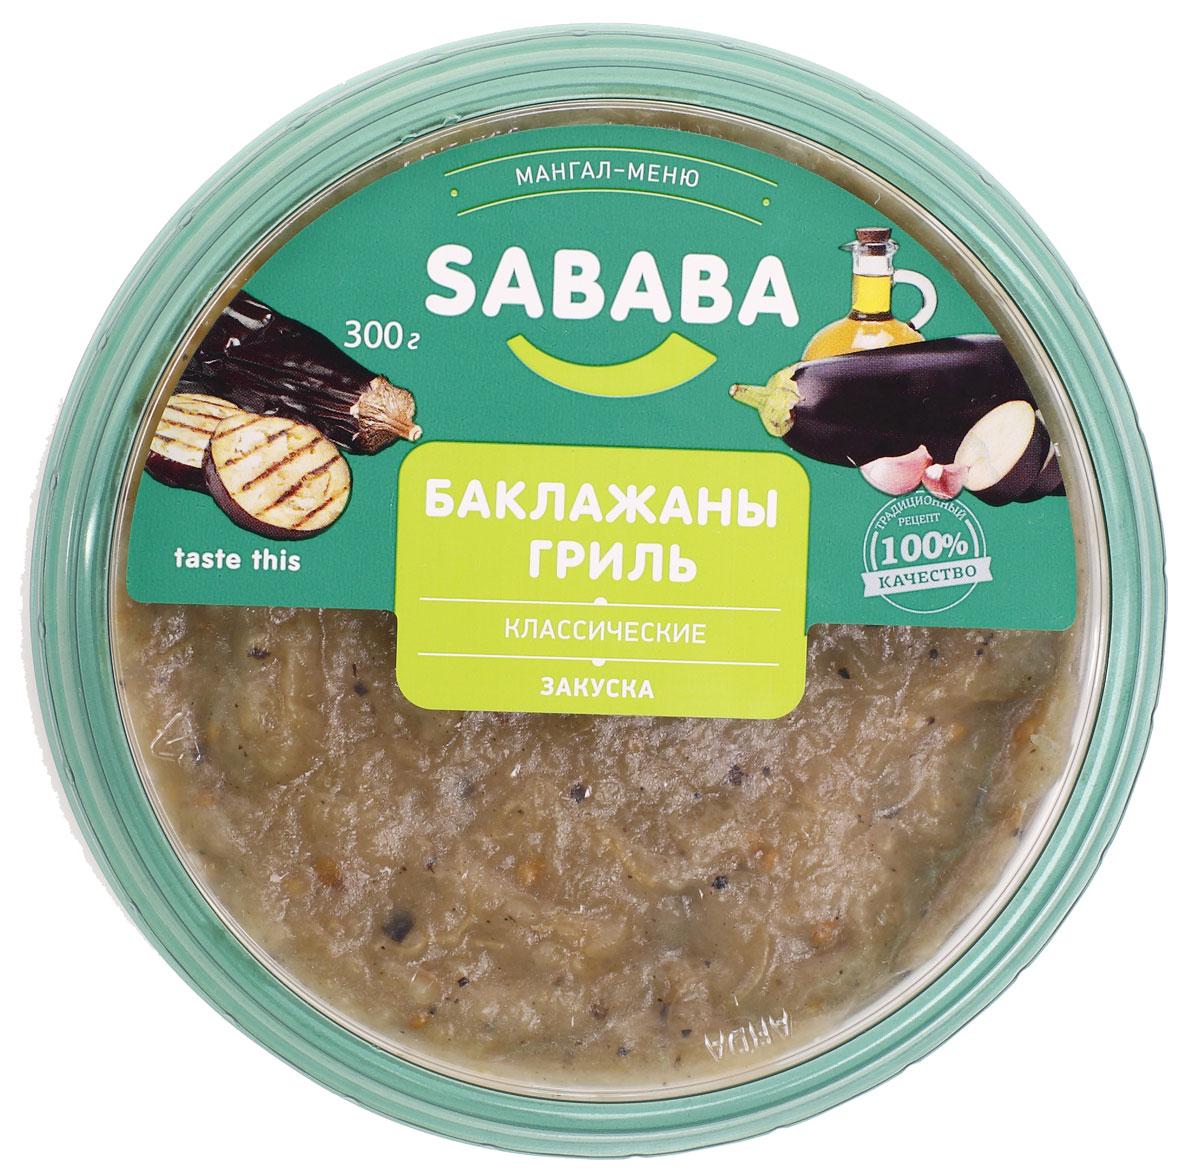 Sababa Баклажаны гриль Классические, 300 г4607086601976Вкуснейший салат и закуска. Отличное дополнение к горячим блюдам из мяса, рыбы и овощей. Идеальная заправка для сандвичей, брускетта и бутербродов. Может использоваться как основа для салата или овощной икры (Сотэ). Не содержит ингредиентов животного происхождения. Сытный и постный продукт.